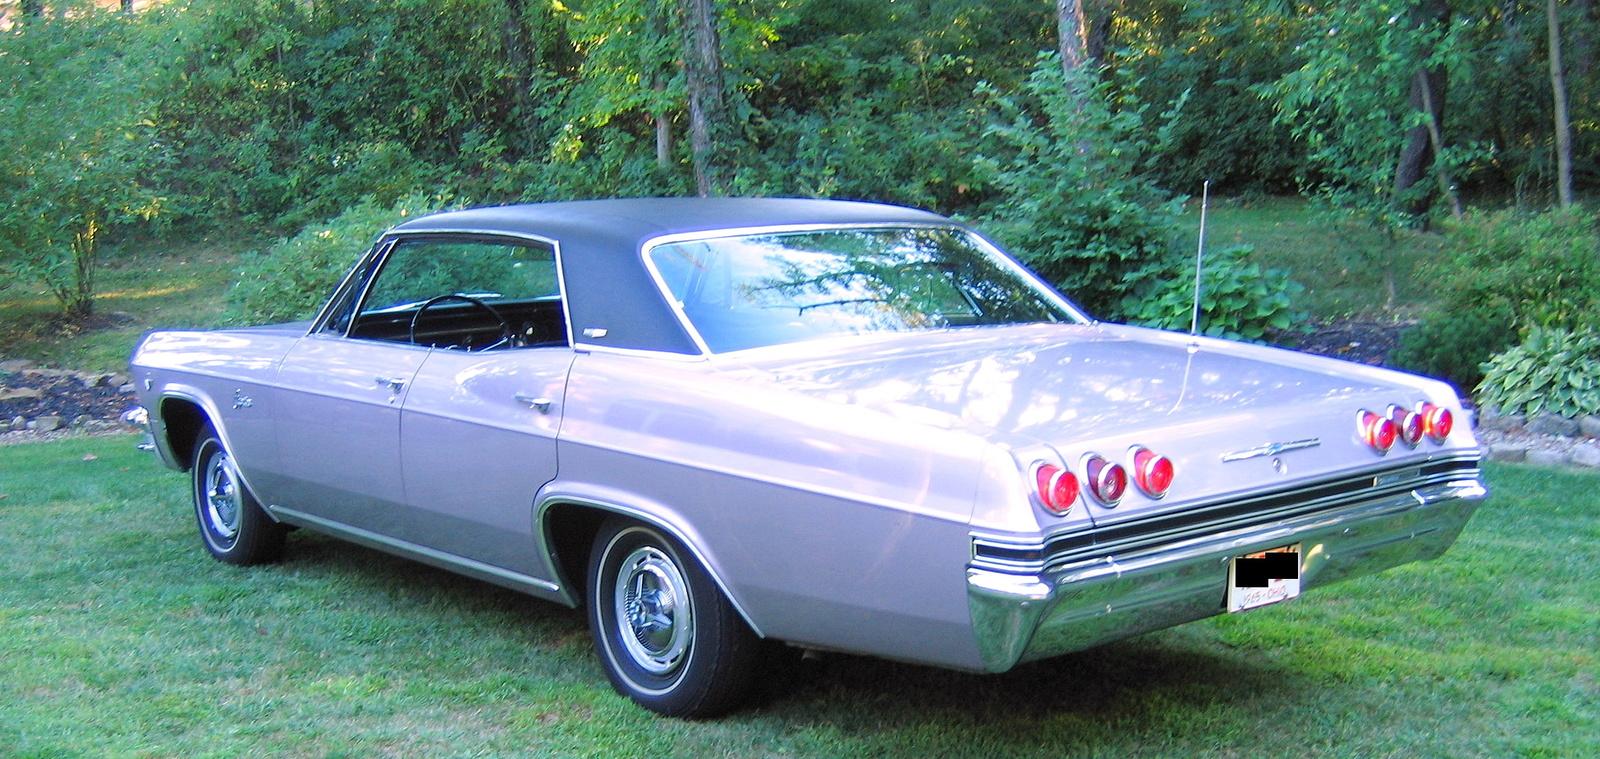 Chevrolet Caprice 1965 Photo - 1